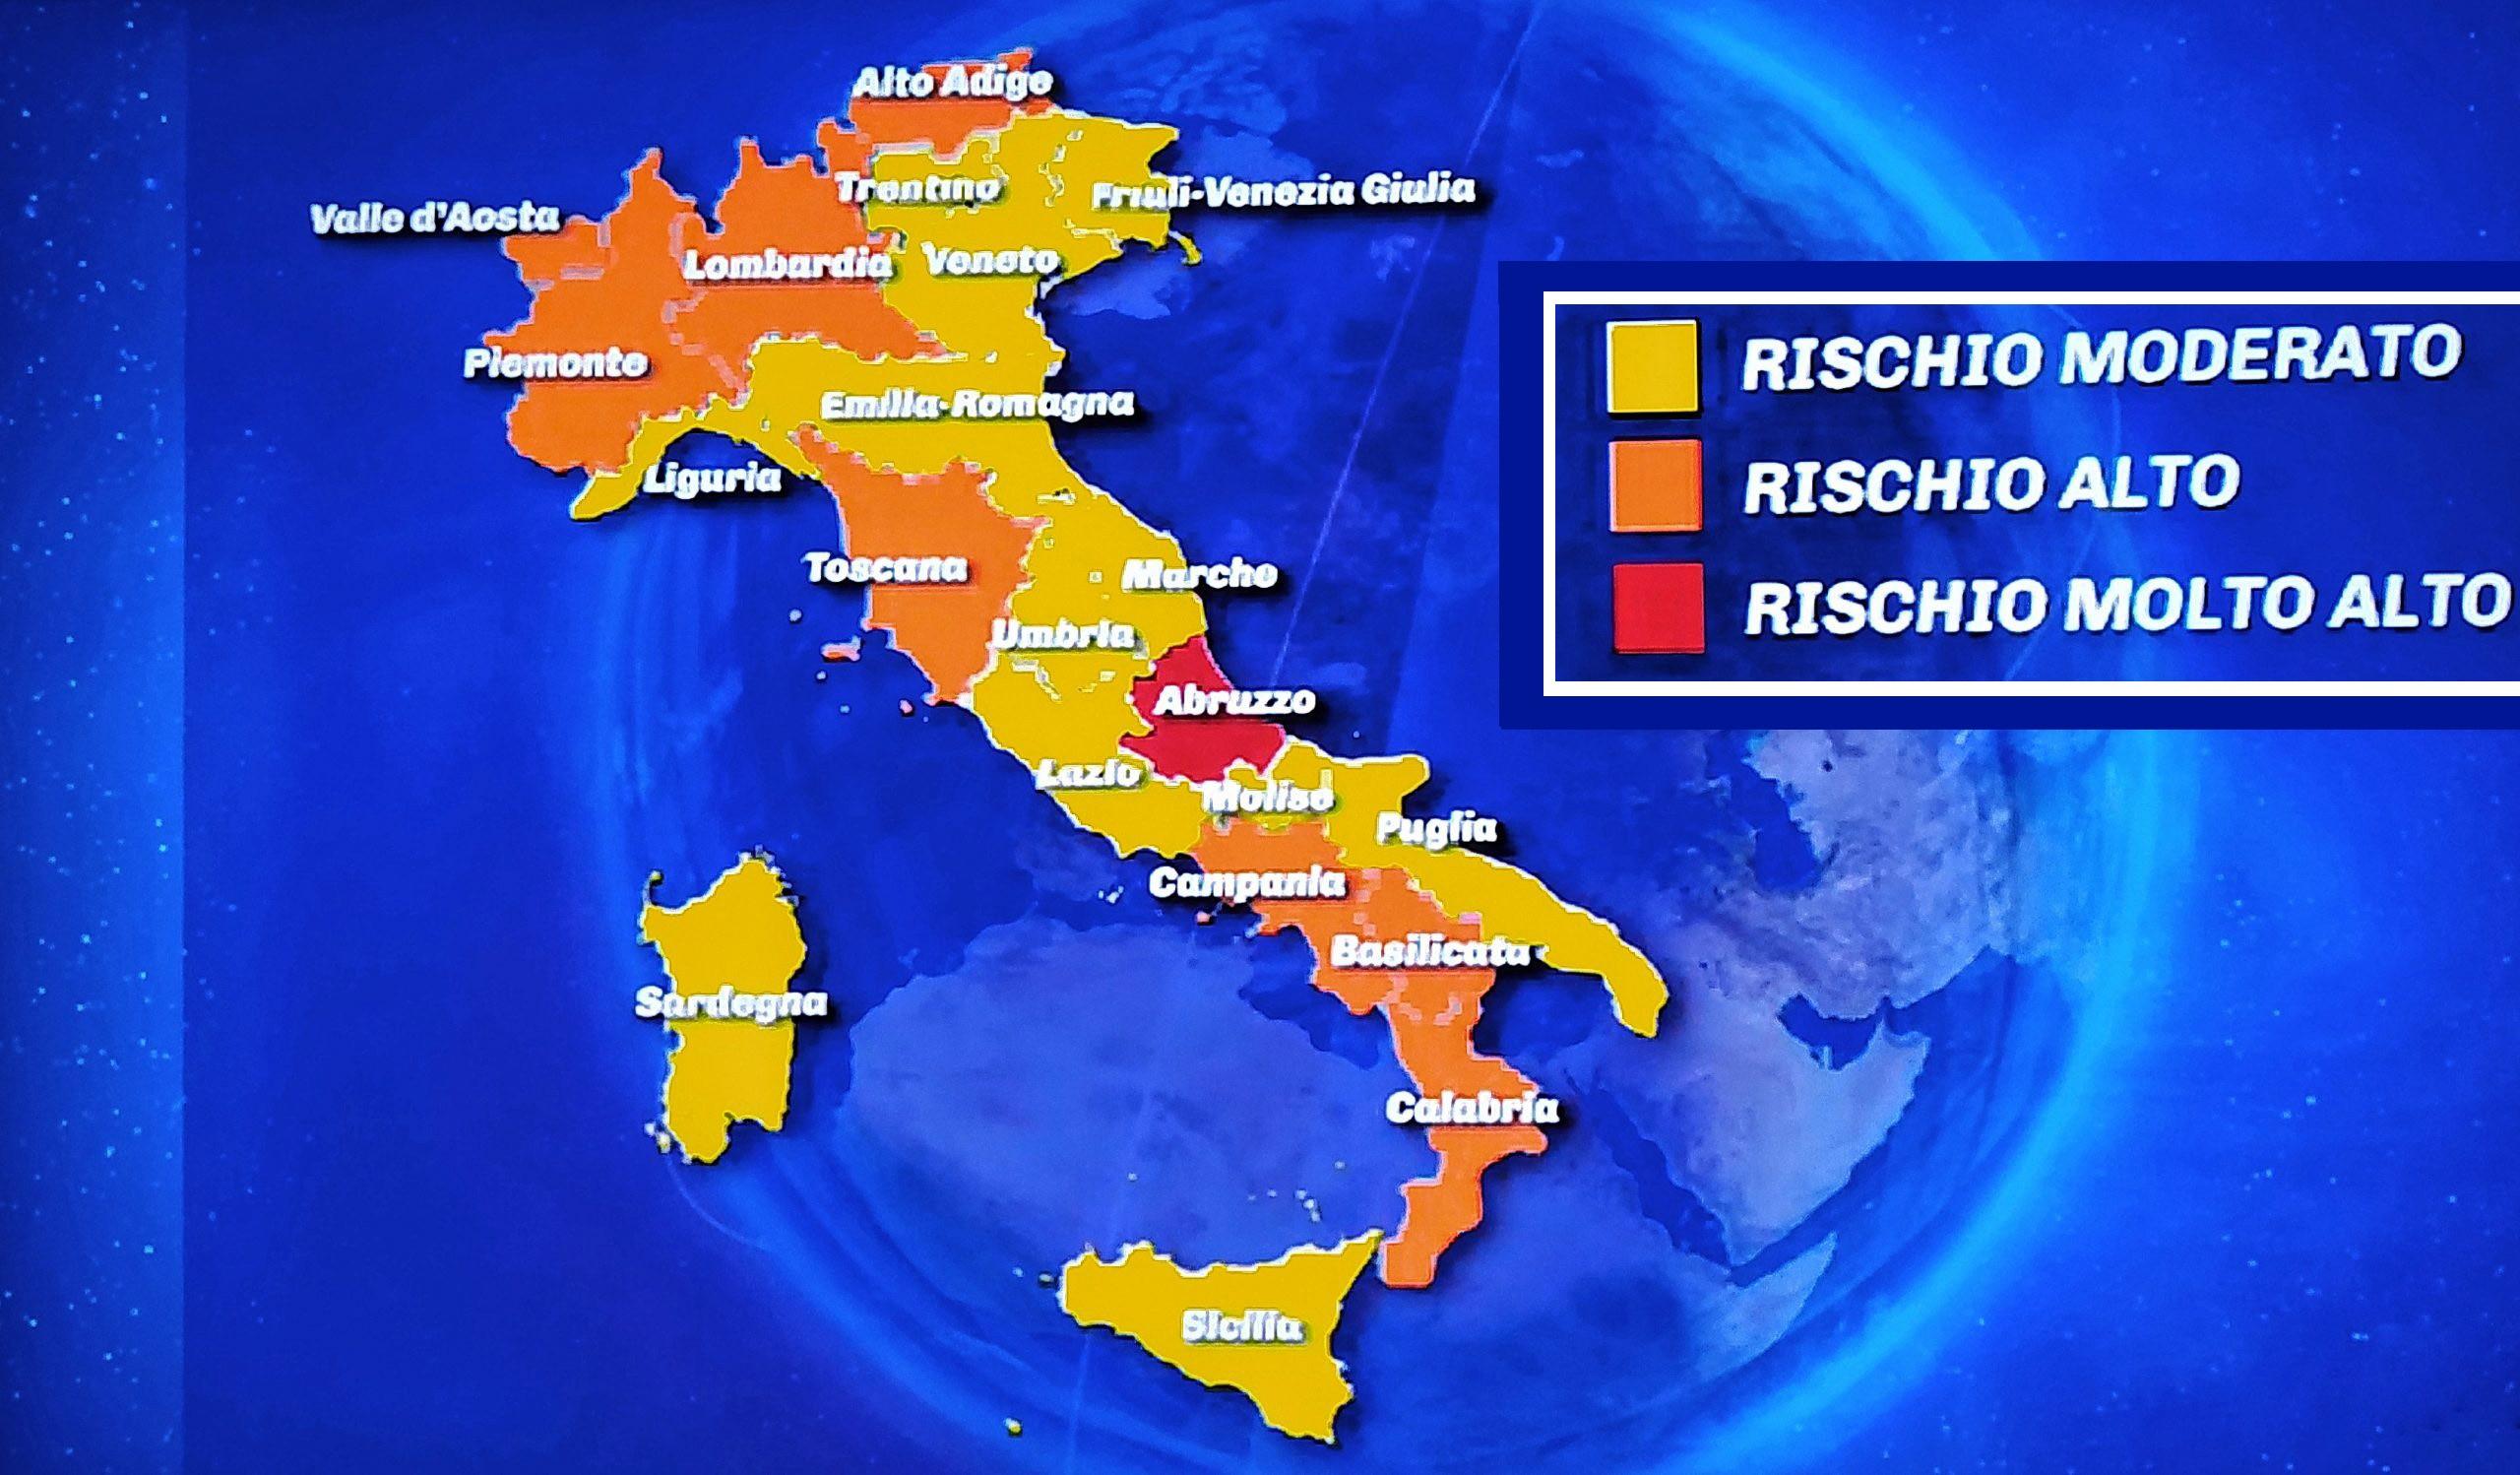 Cartina Della Regione Abruzzo.L Abruzzo Torna Regione Rossa Il Tribunale Amministrativo Ha Accolto Il Ricorso Del Governo Abruzzolive